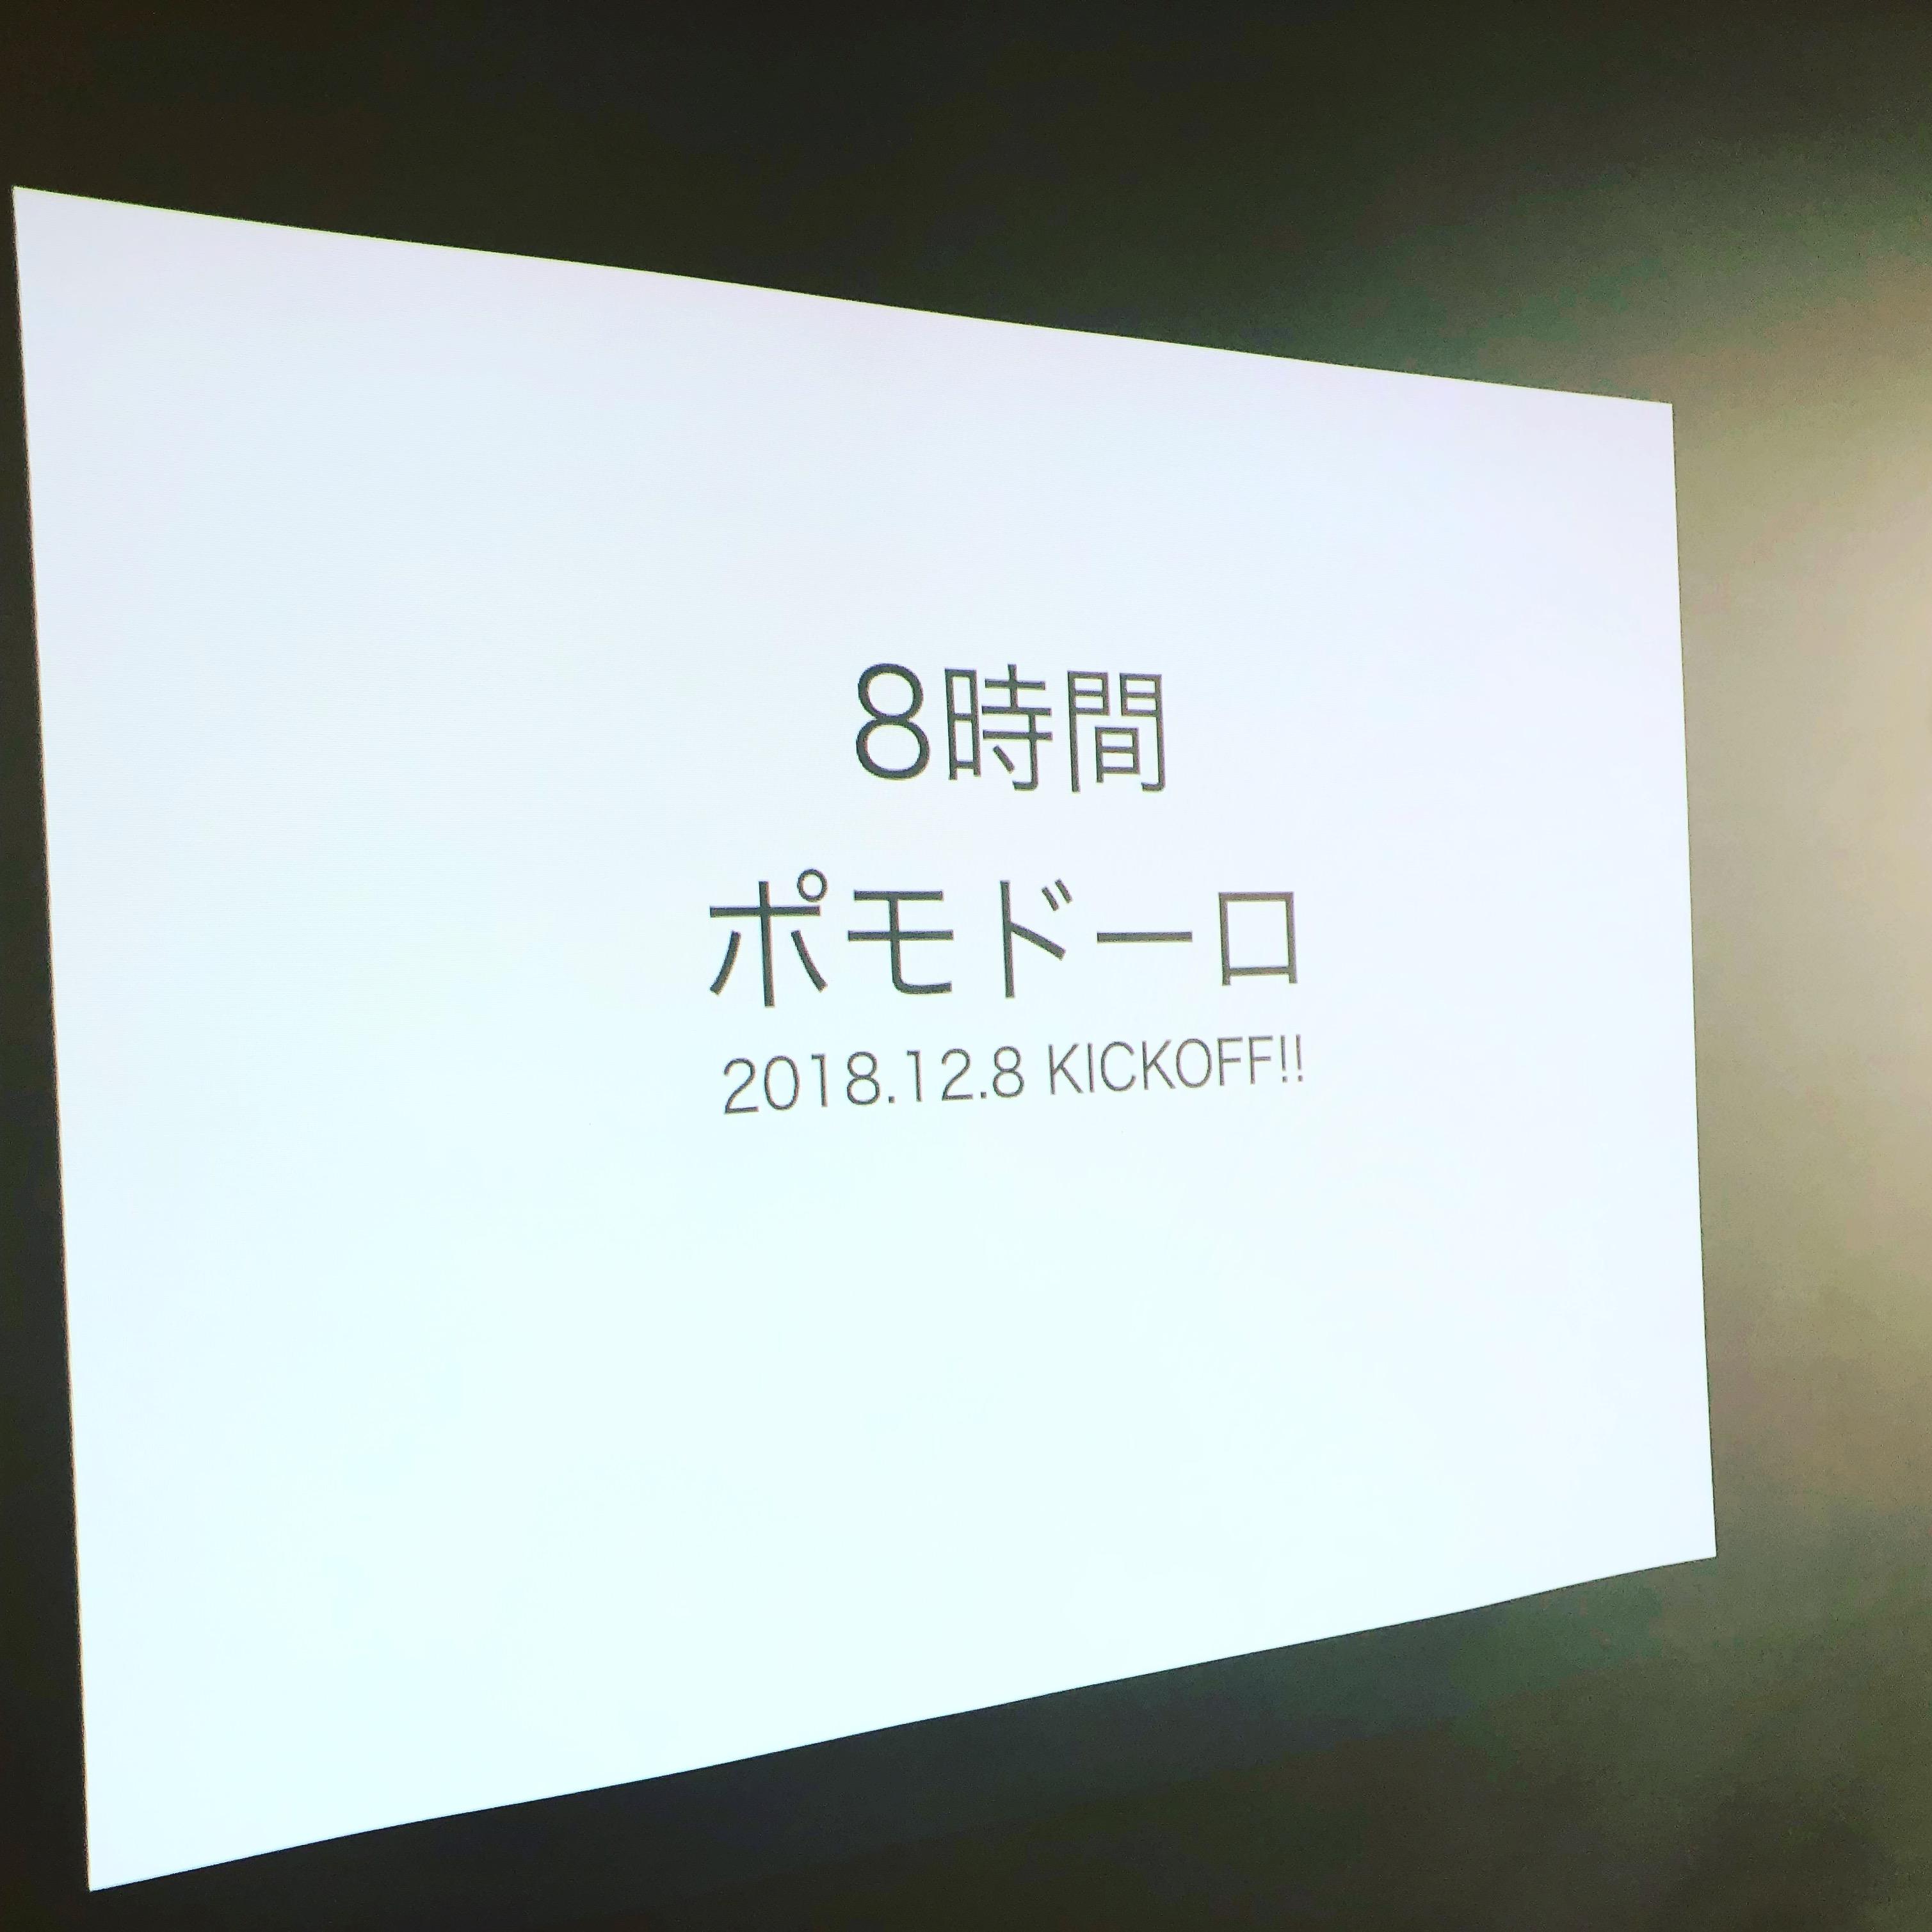 20181208ポモドーロ会8時間を開催(勉強会&コミュニティ開催その13)